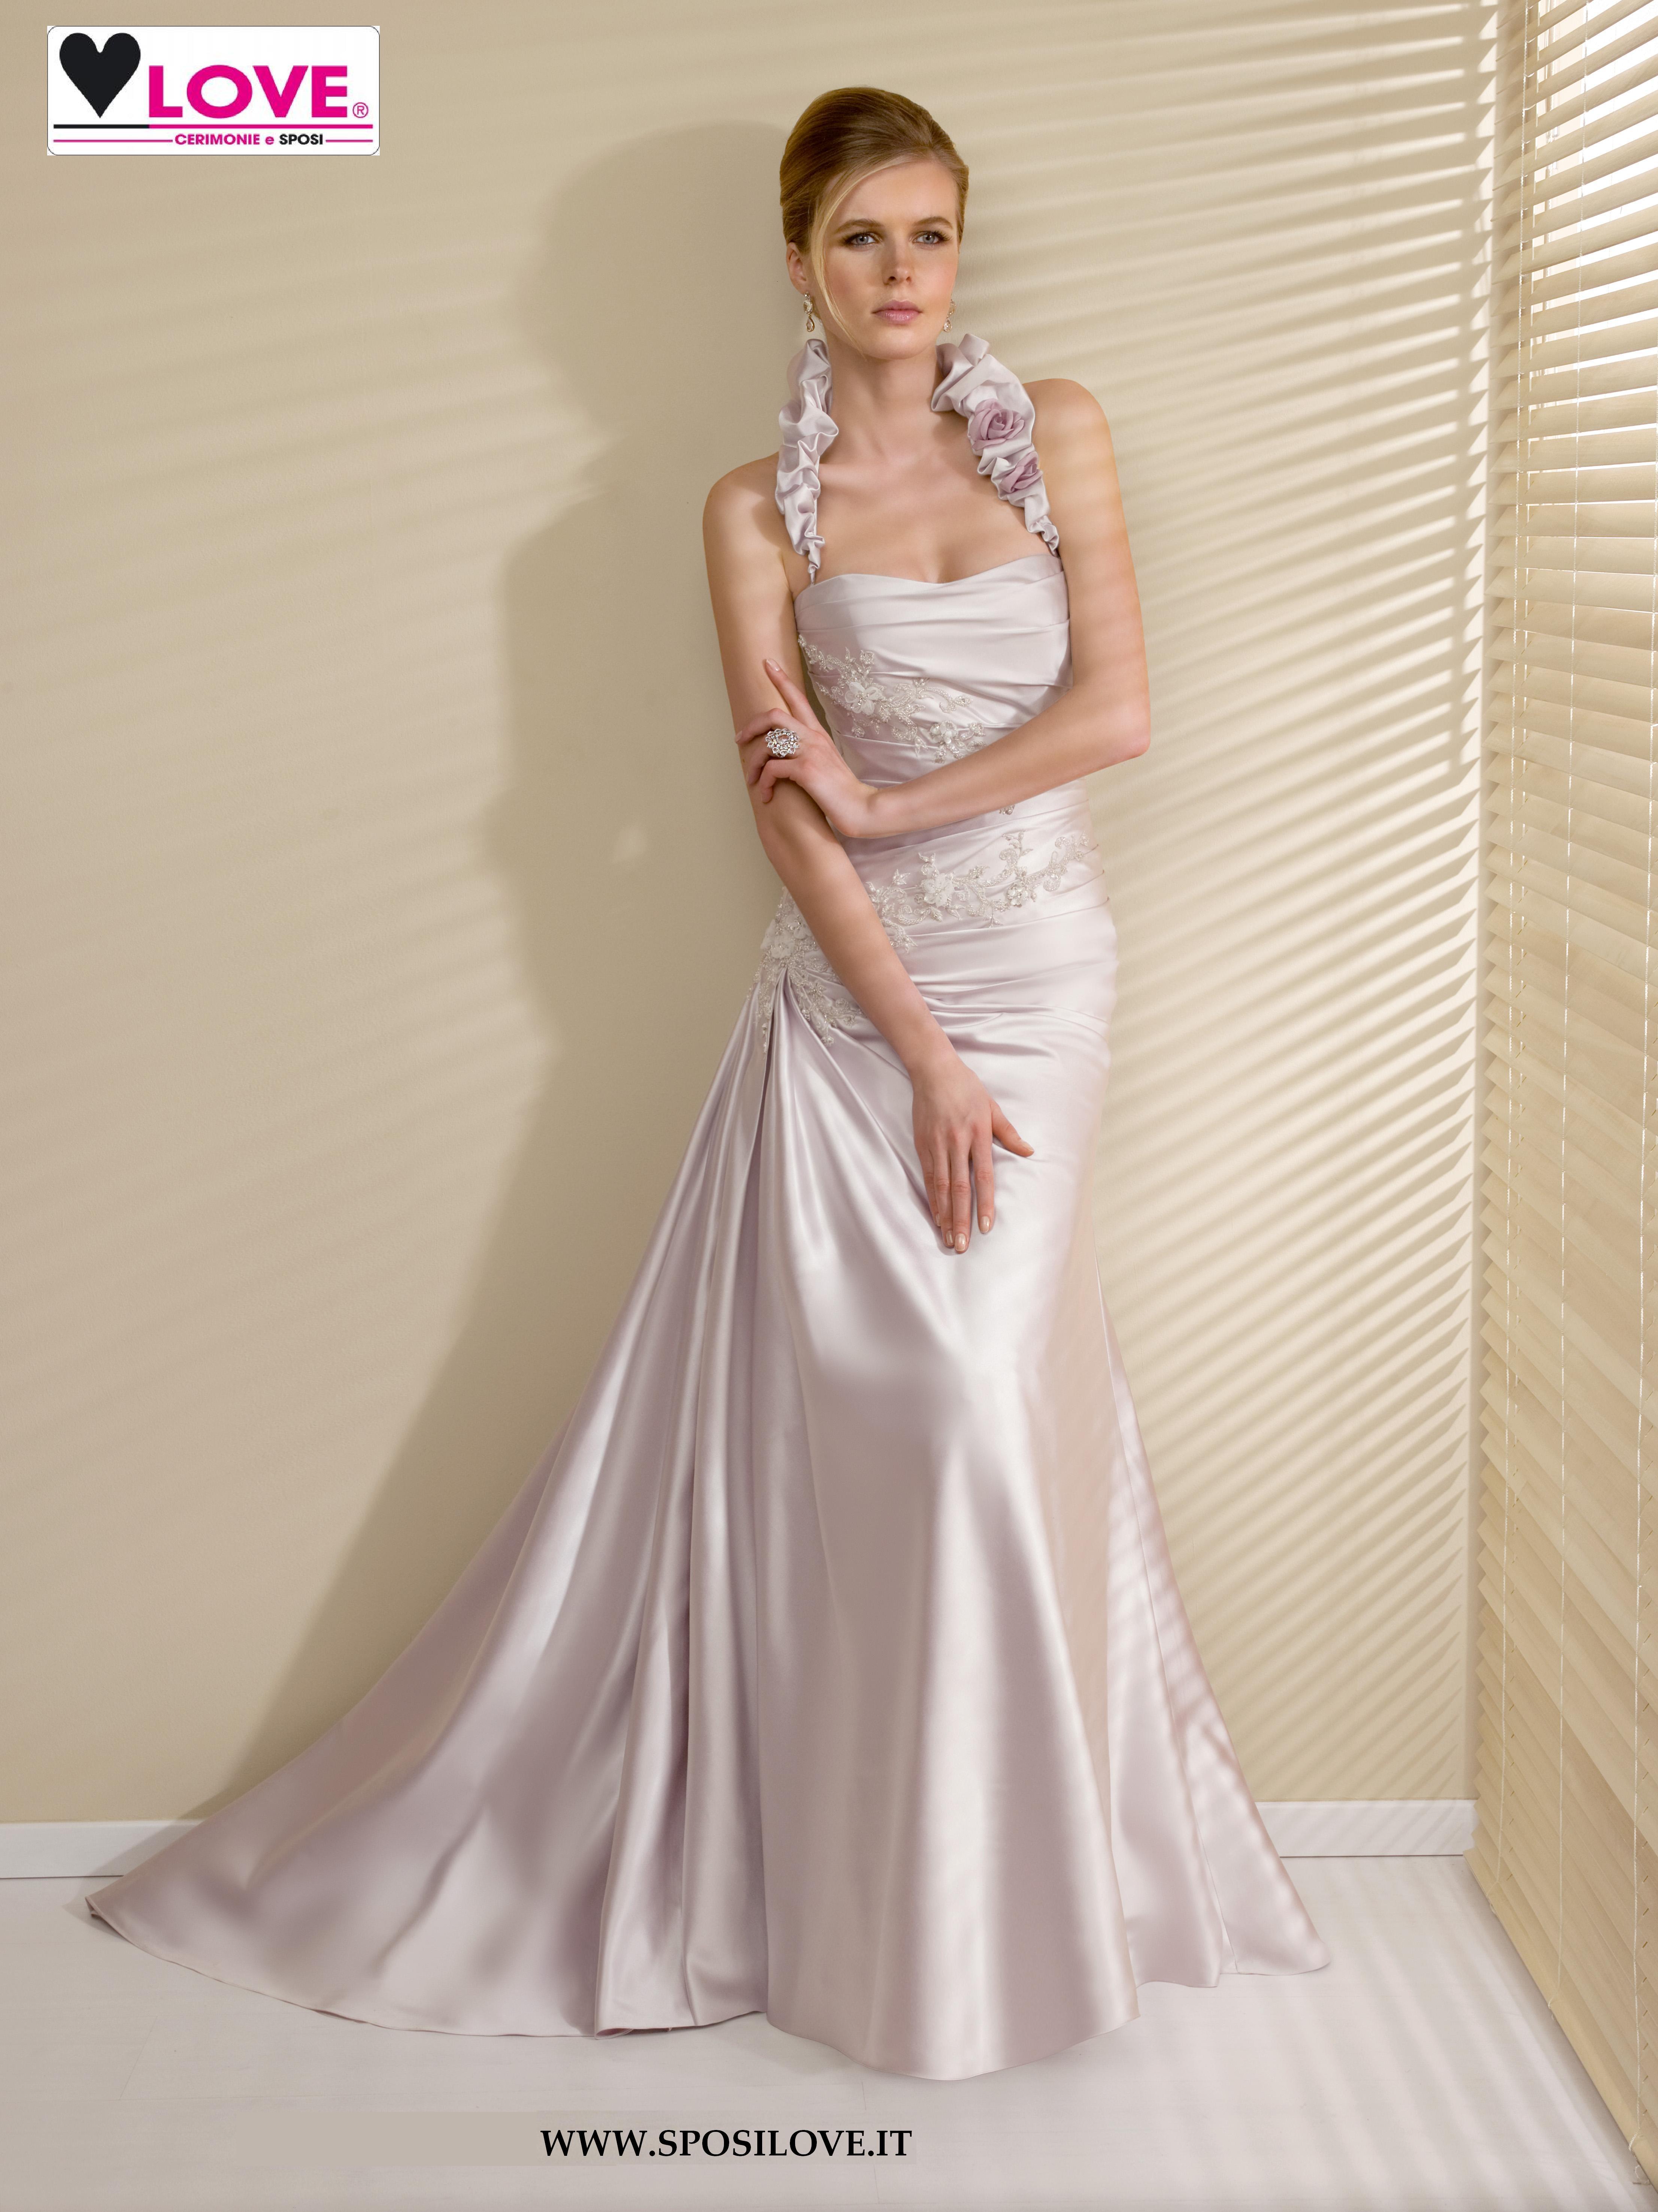 072002402e4a Abiti da sposa milano LOVE milano presenta la moda sposa 2010